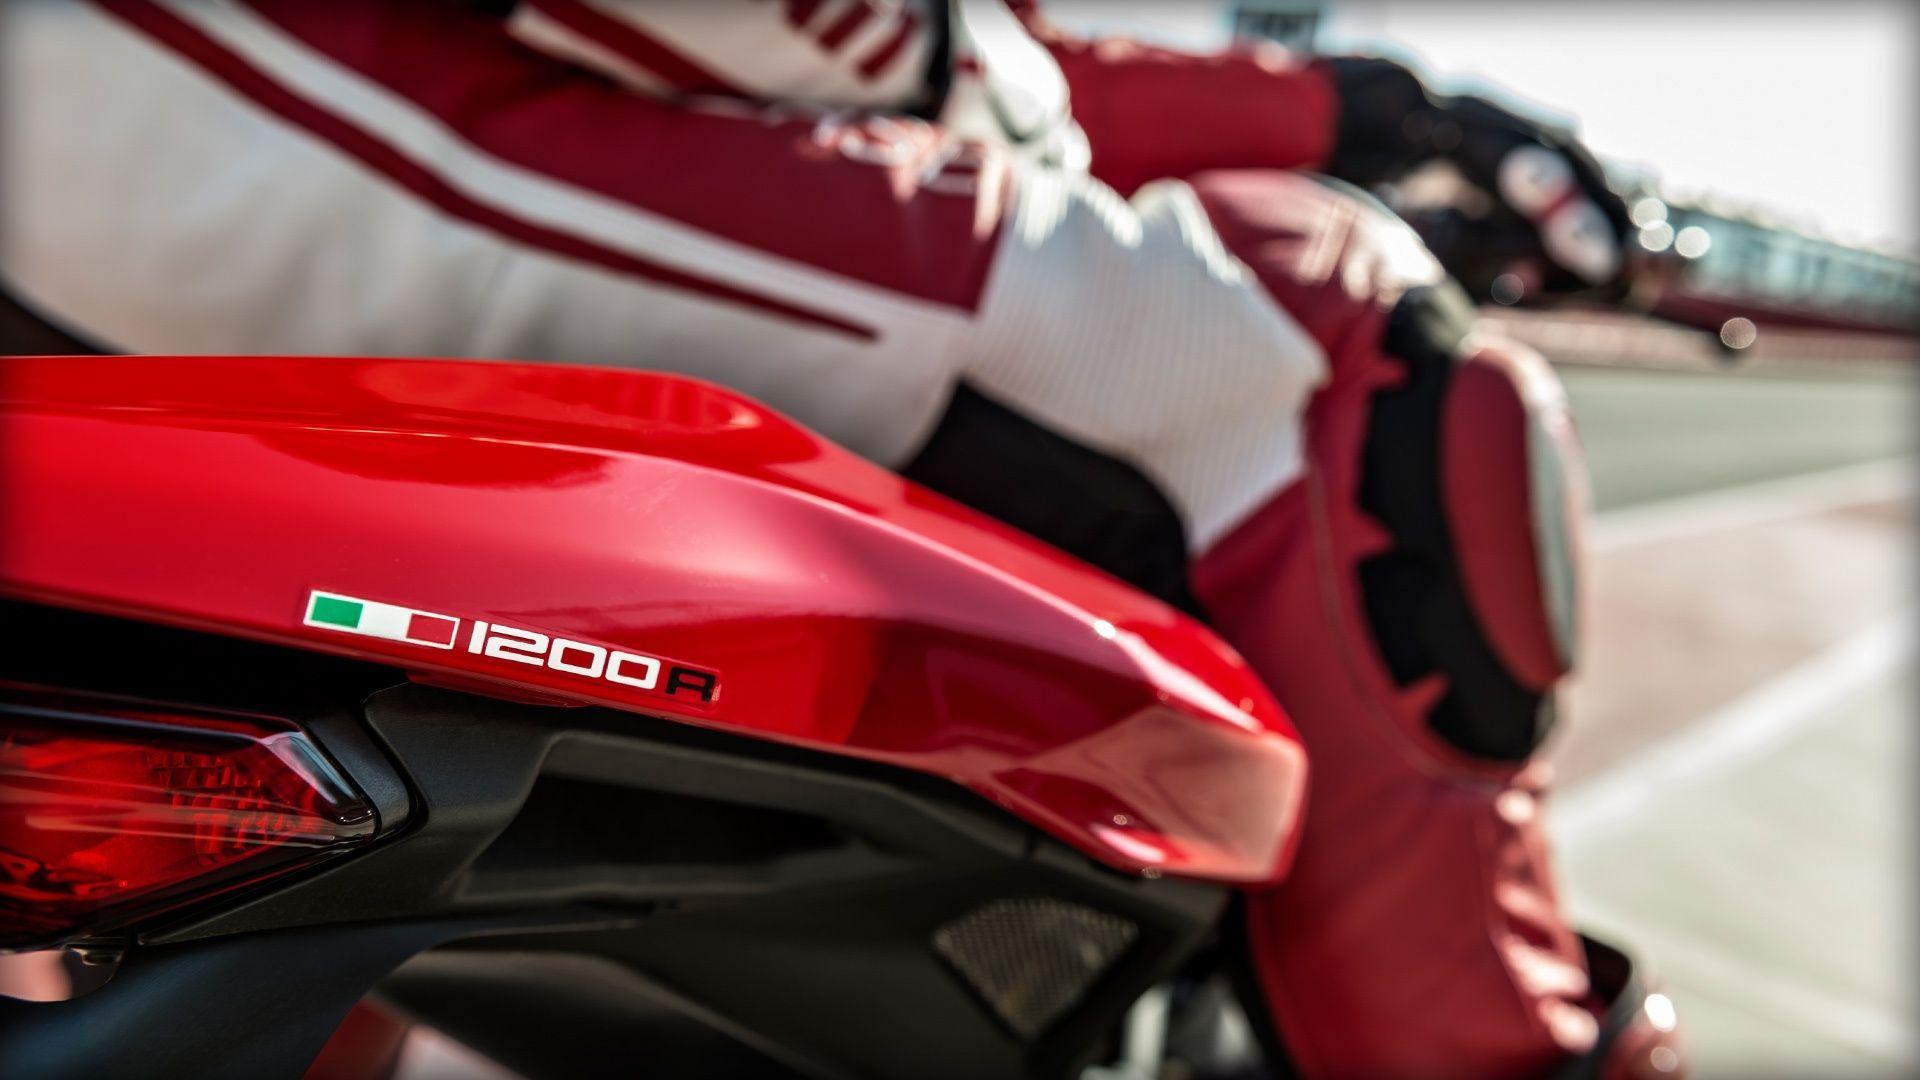 2016 Ducati Monster 1200R | Monster 1200 R - Italian Flair